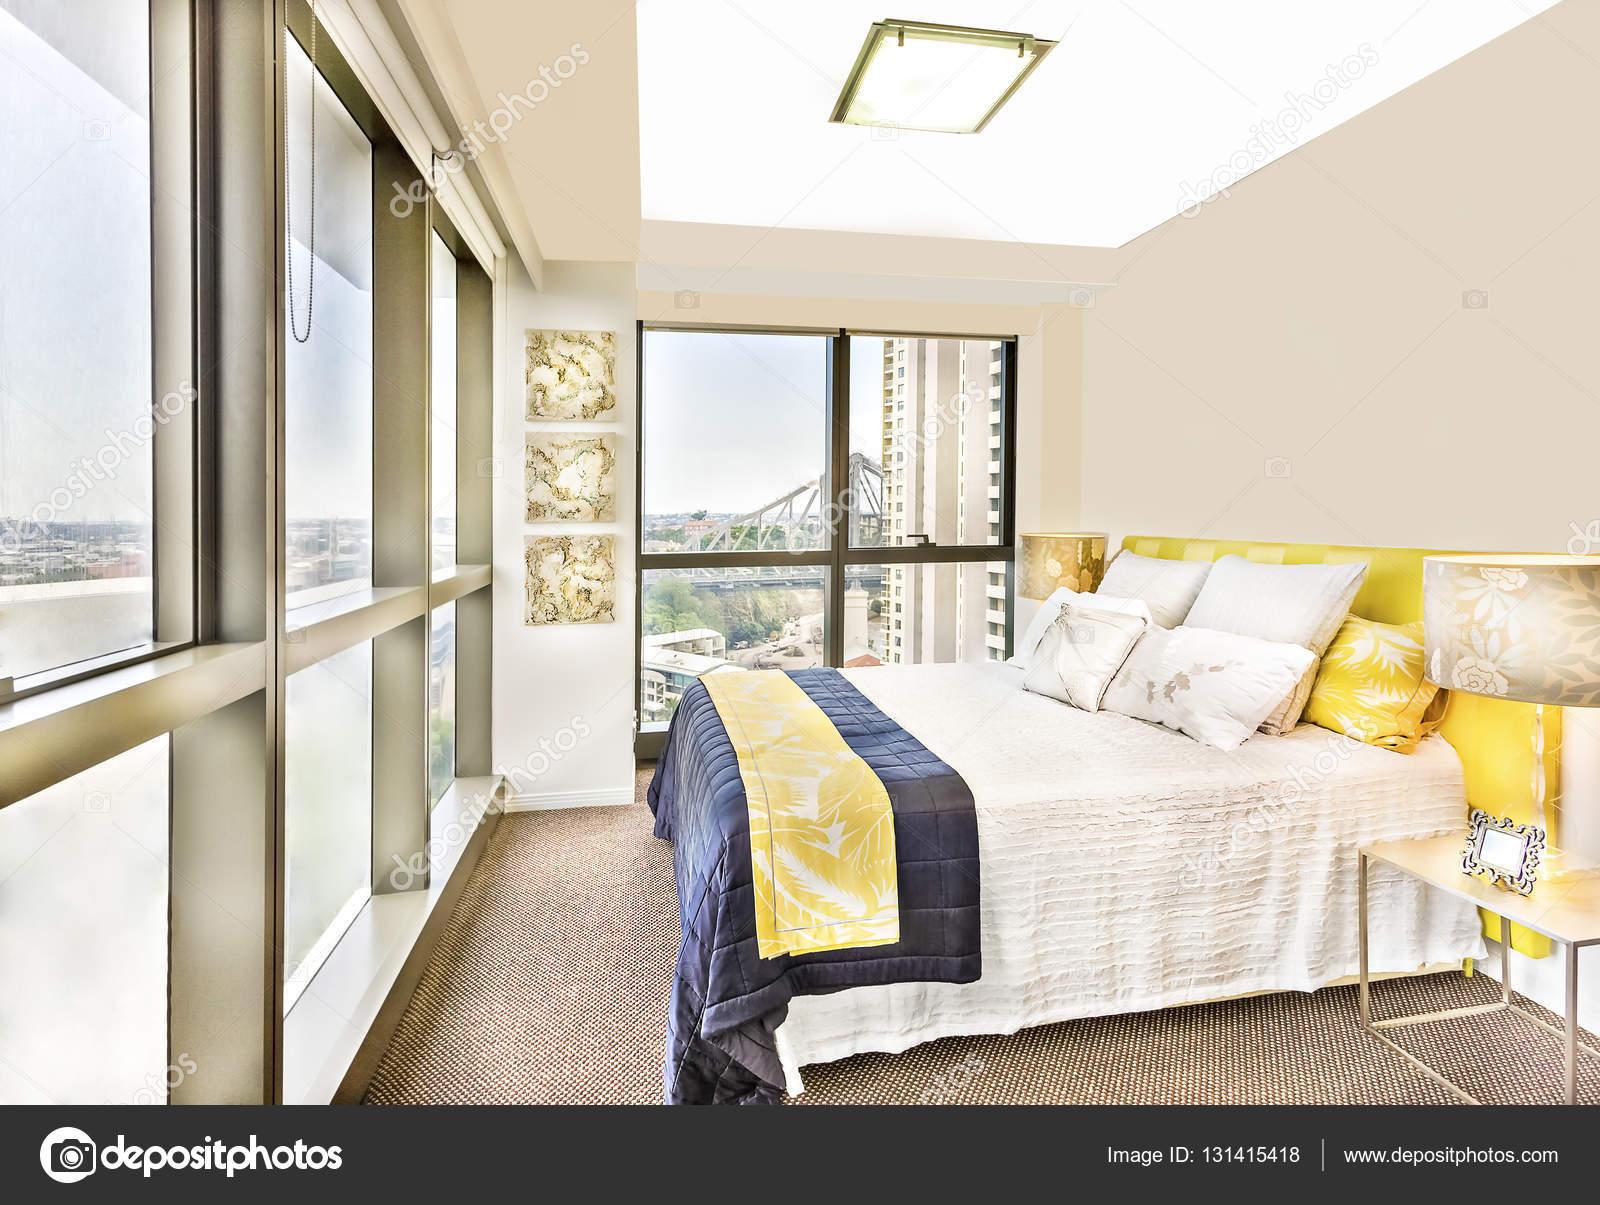 https://st3.depositphotos.com/1040772/13141/i/1600/depositphotos_131415418-stockafbeelding-glanzende-slaapkamer-met-ontwerpen-en.jpg